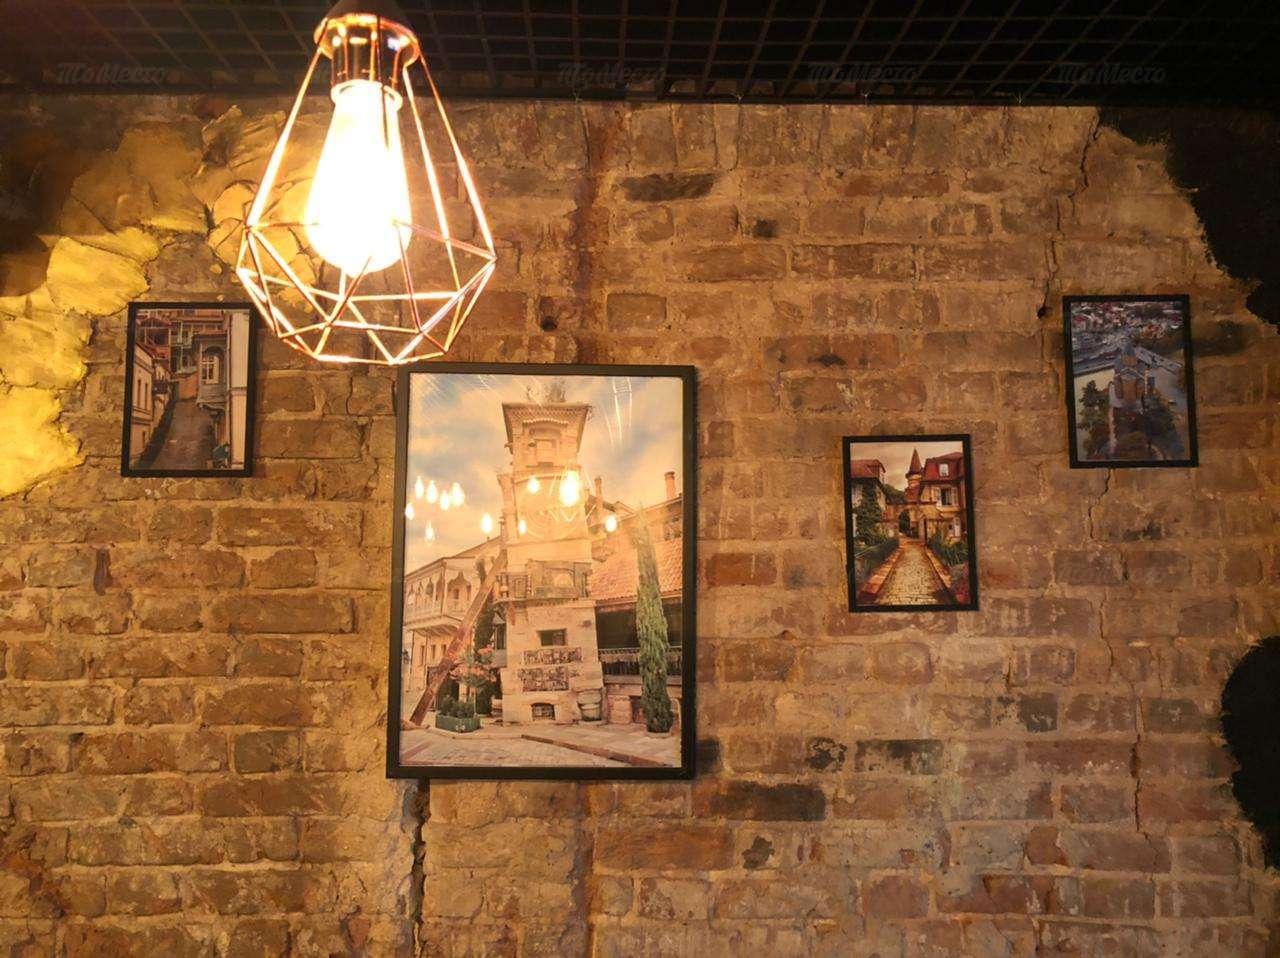 Кафе Мизандари (бывш. Дон Корлеоне) на Старой Басманной фото 11